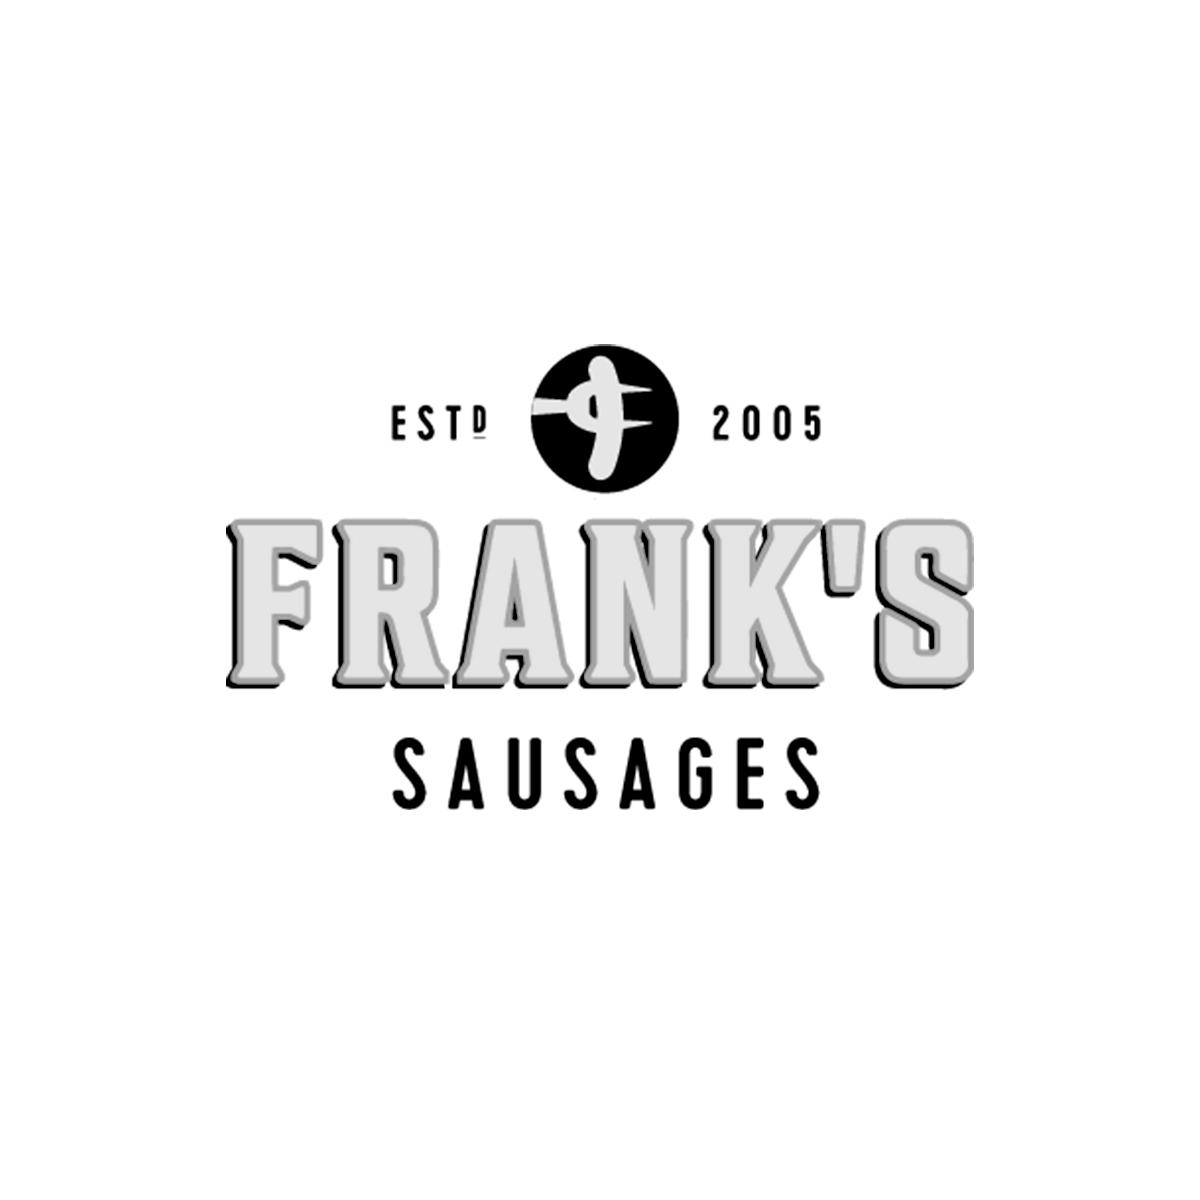 Franks.jpg